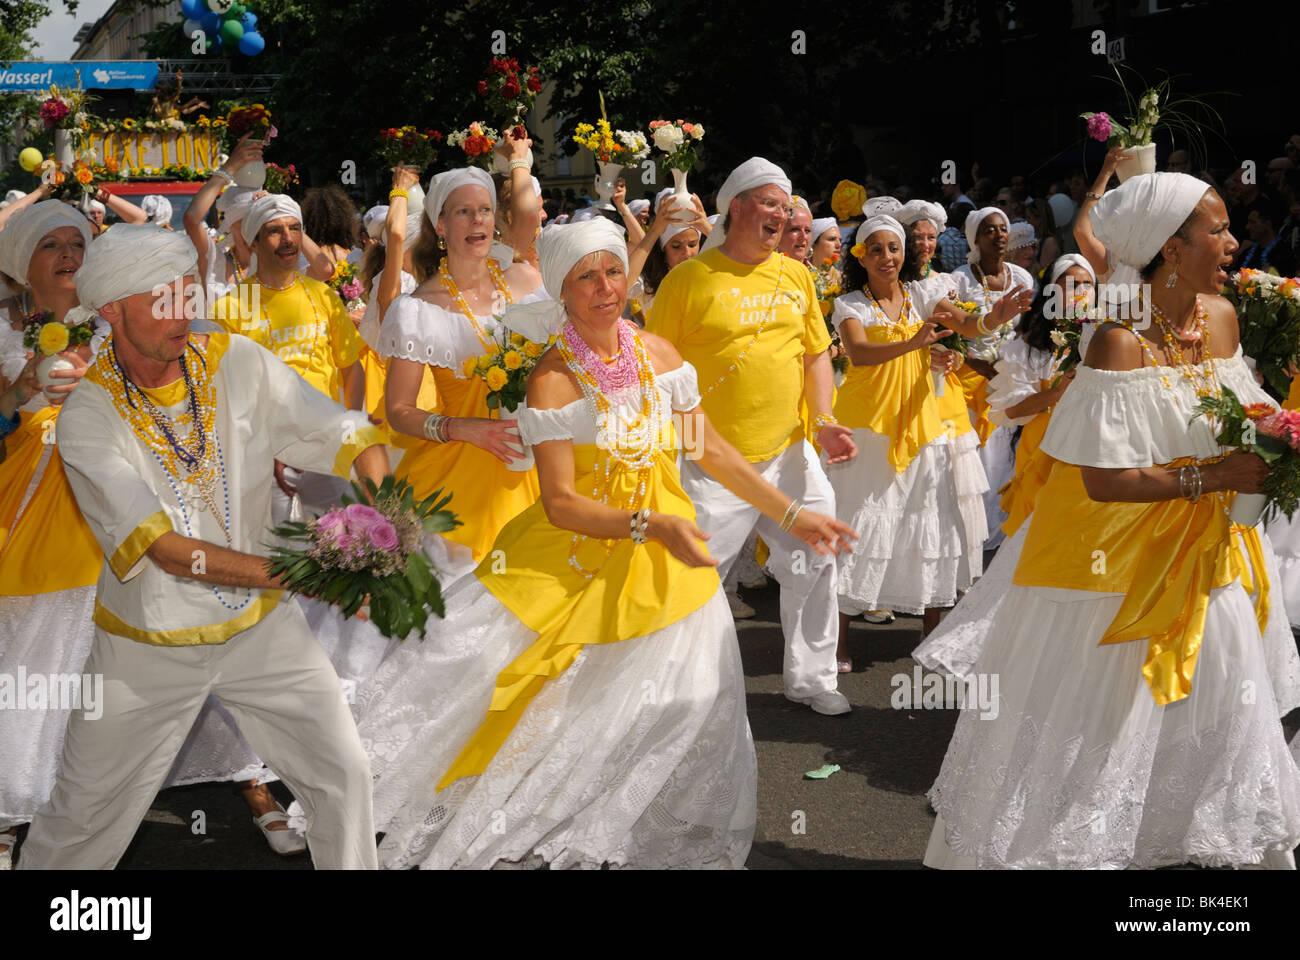 Deutsch brasilianische Samba-Gruppe am Karneval der Kulturen, Karneval der Kulturen, Berlin, Kreuzberg Bezirk, Deutschland, Stockbild